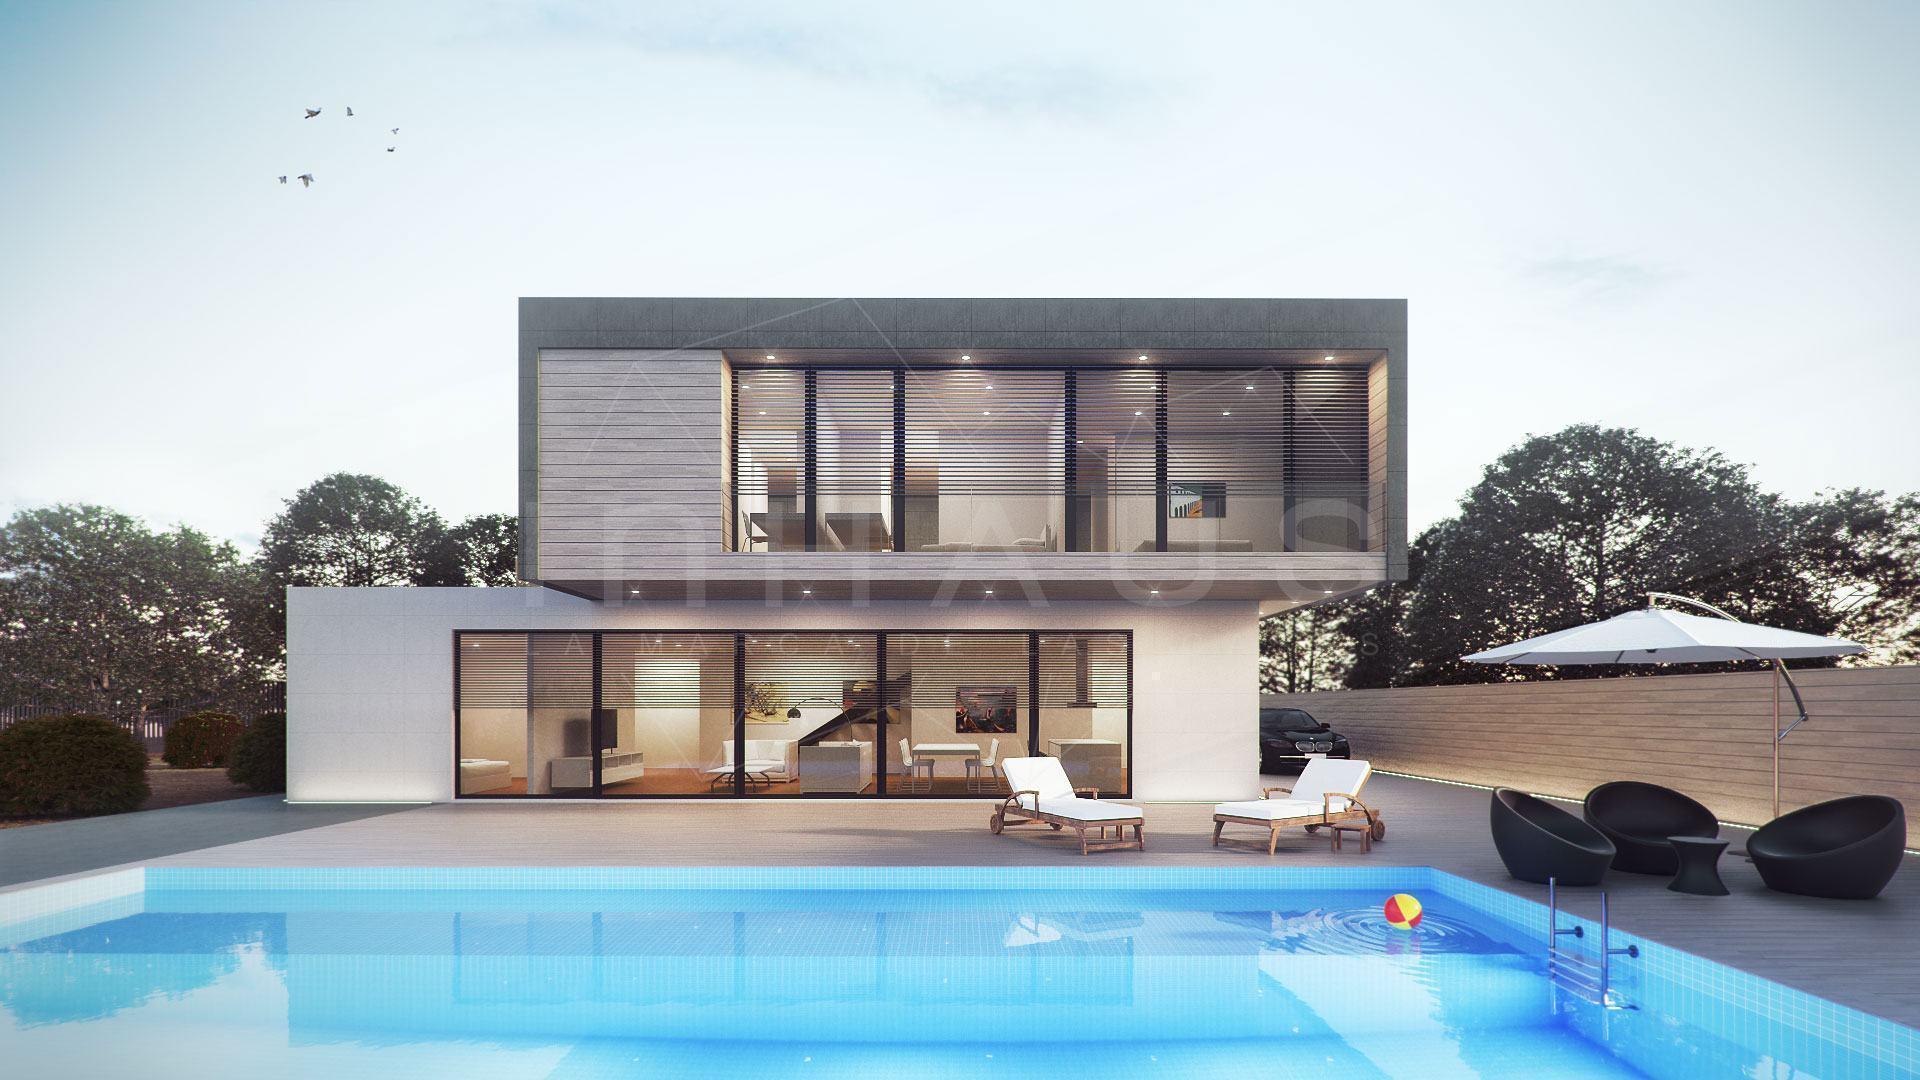 60 fachadas de casas minimalistas modelos fotos - Casas prefabricadas canarias ...